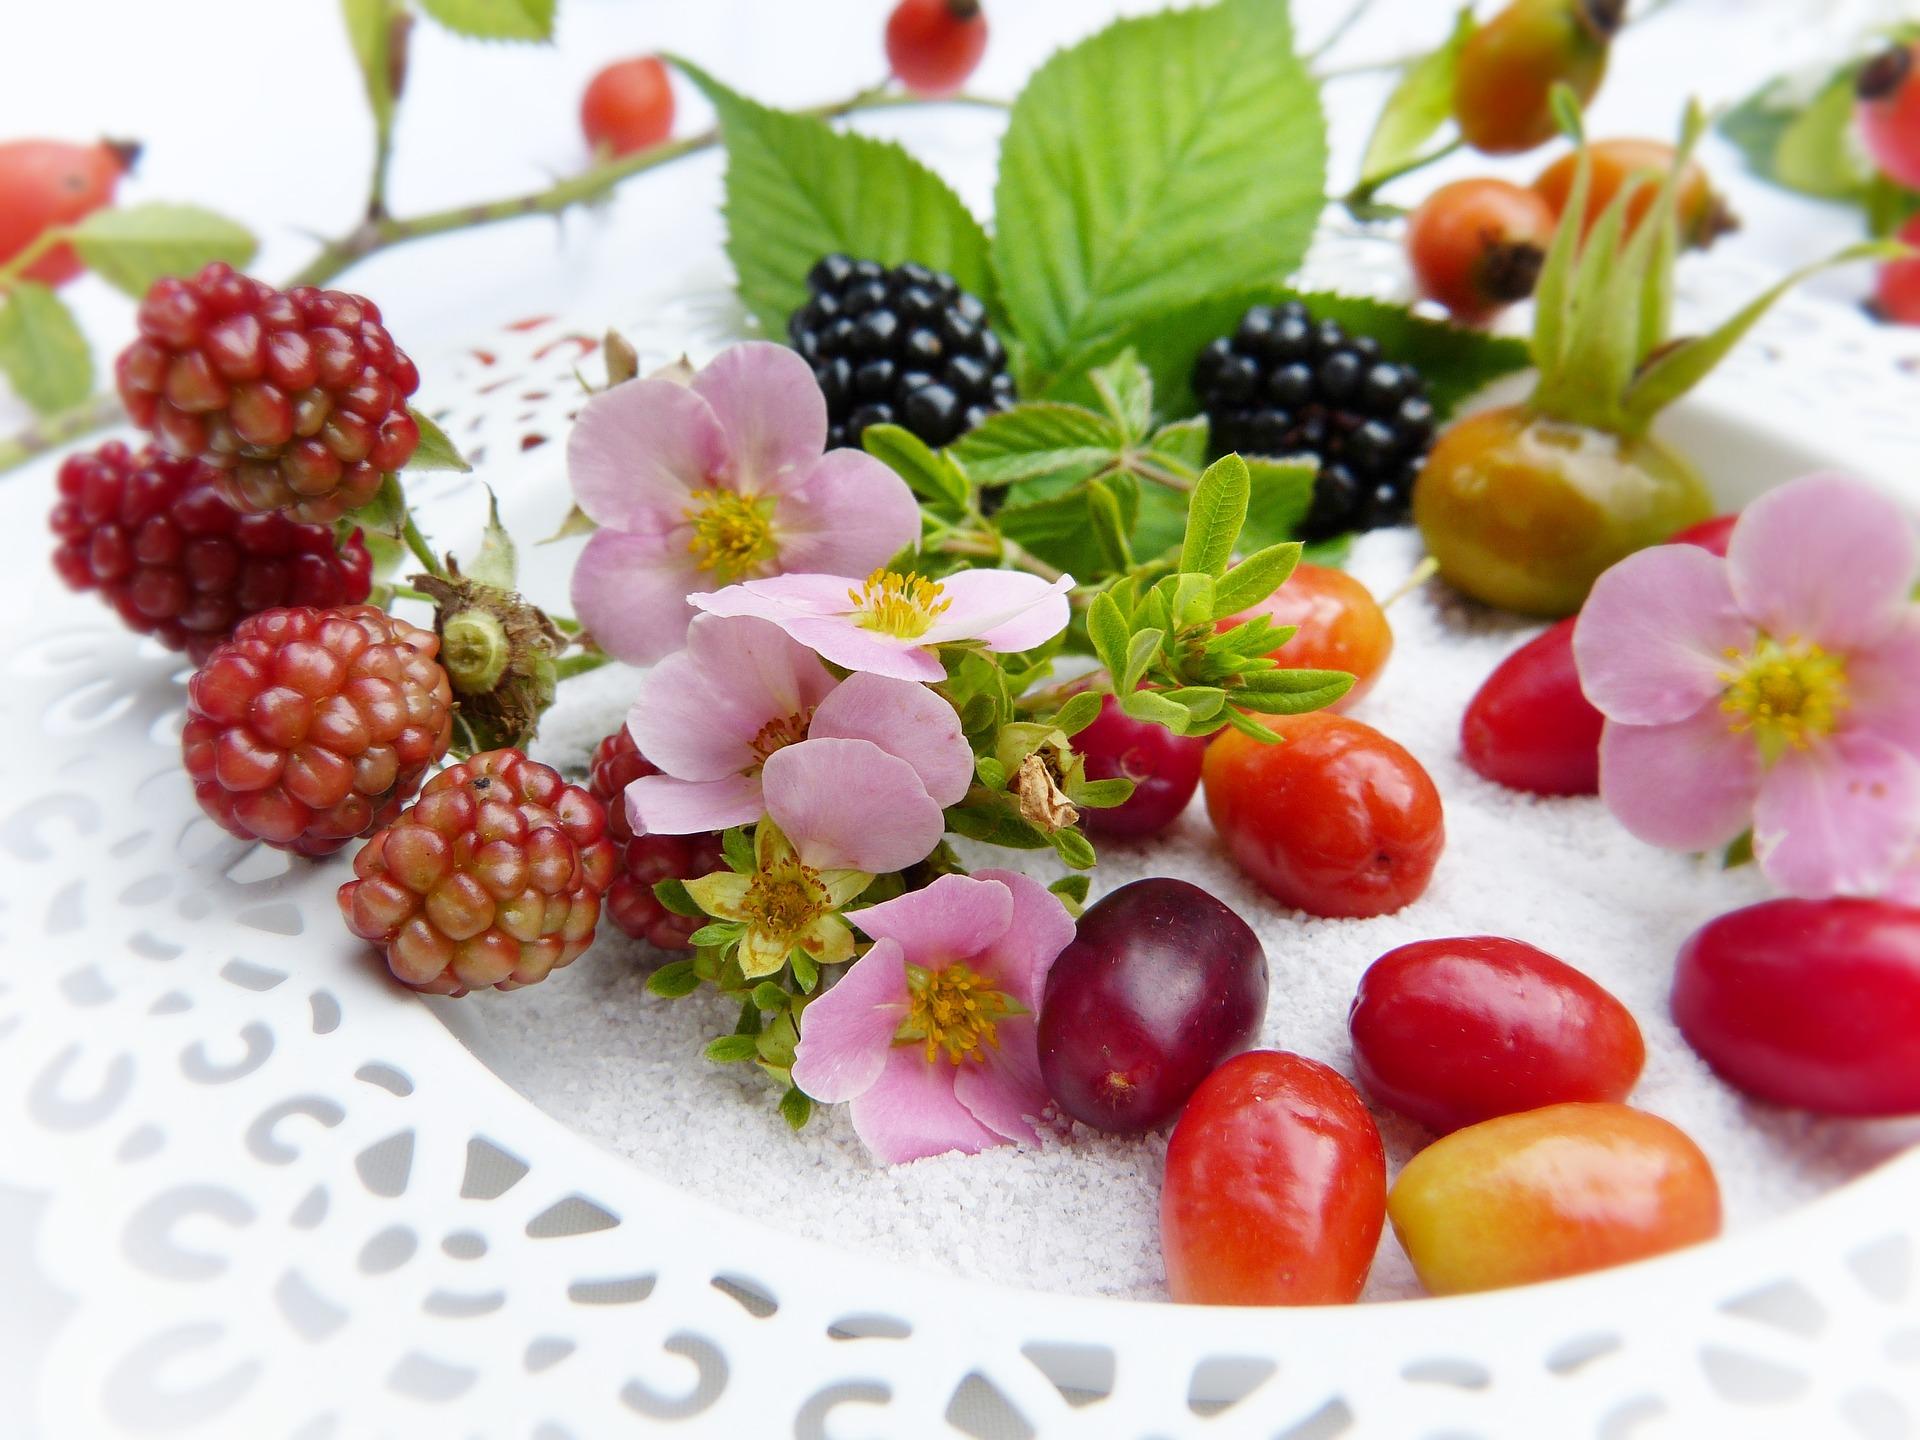 1603199171-berries-2665250-1920.jpeg